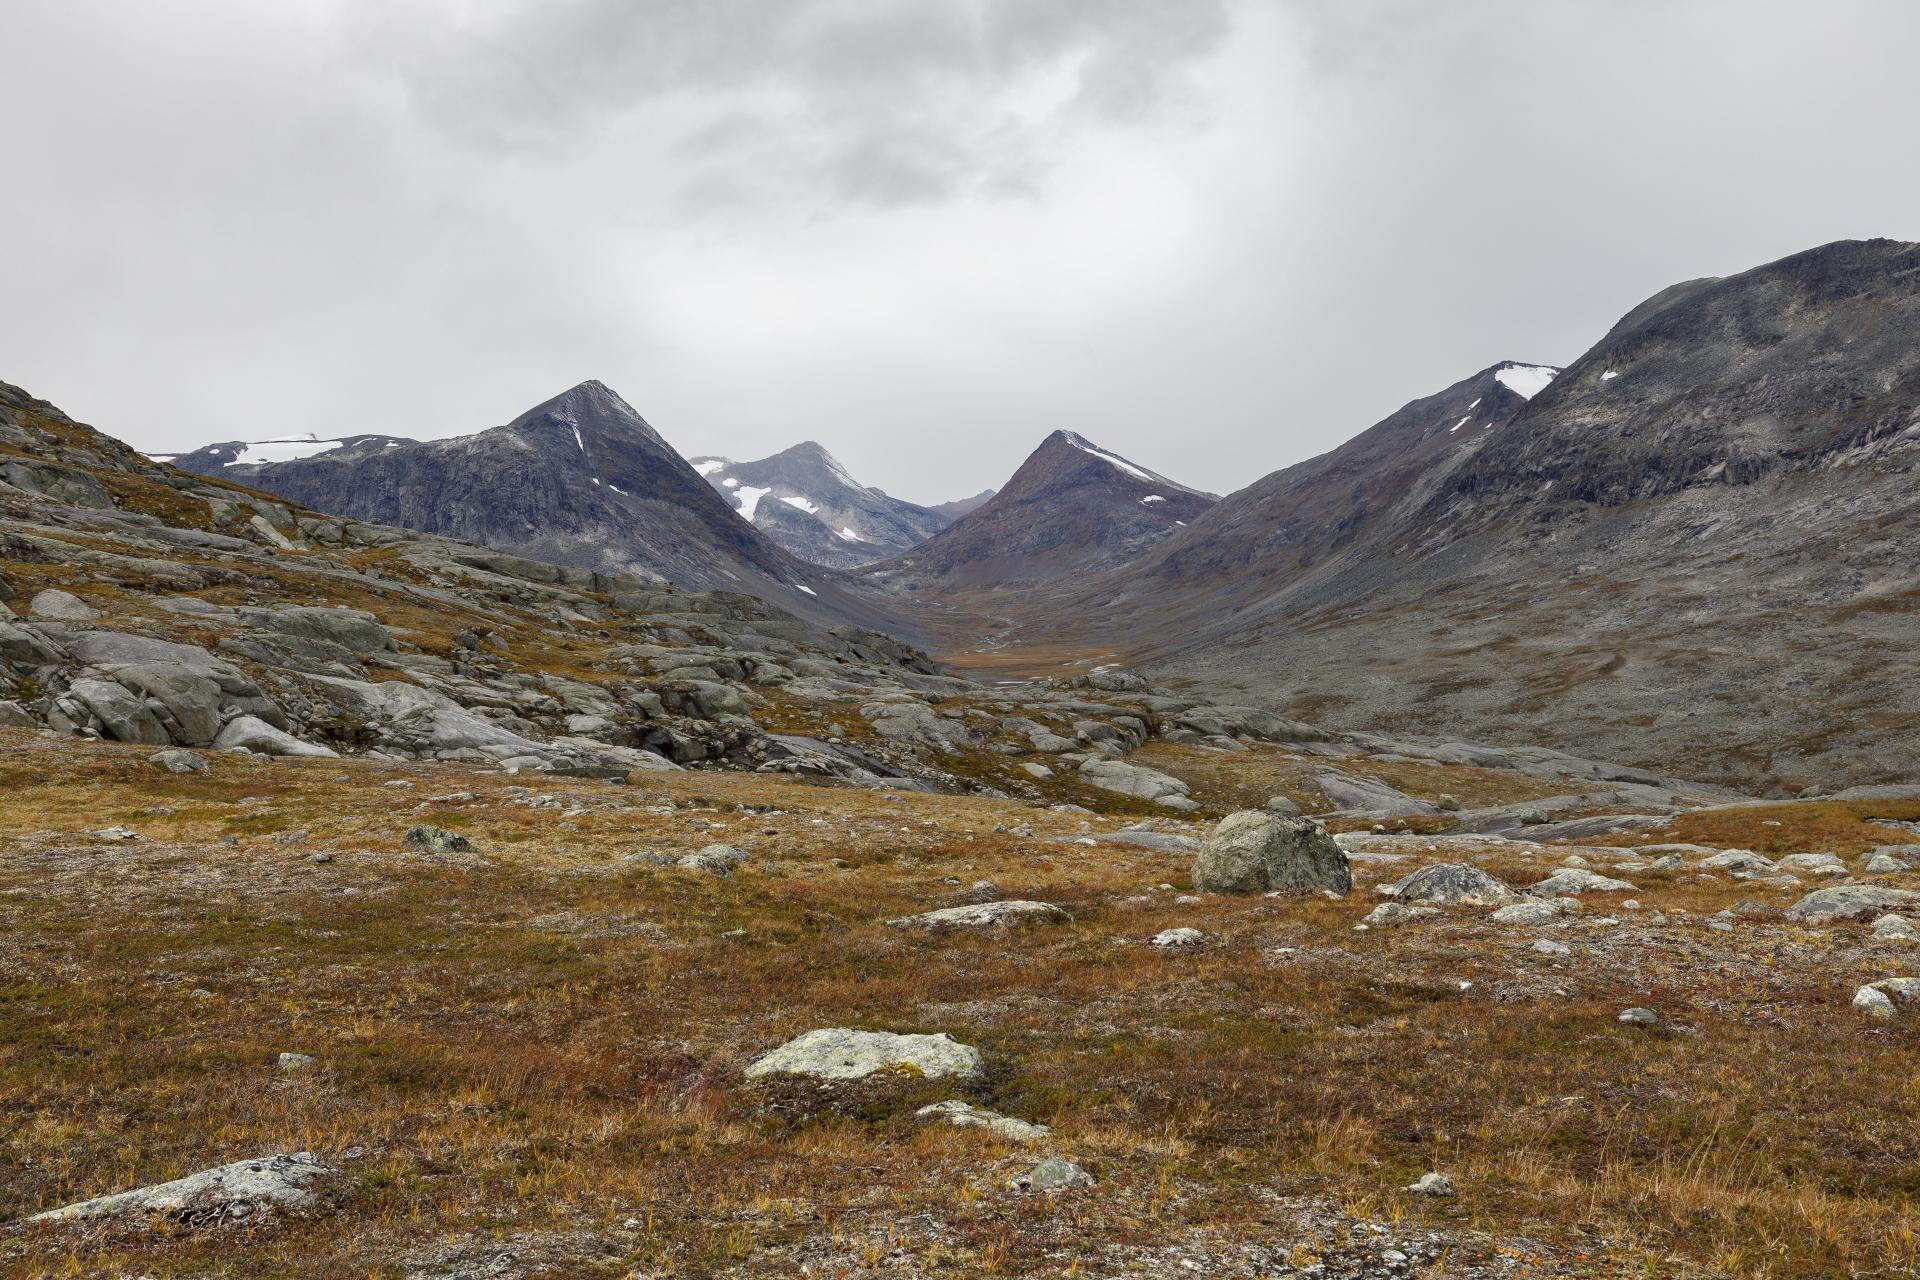 Blick in das Tal, in der die Hunddalshytta liegt mit den markanten Gipfeln Gahperčohkka, Storfjellet und Vomtinden im Hintergrund